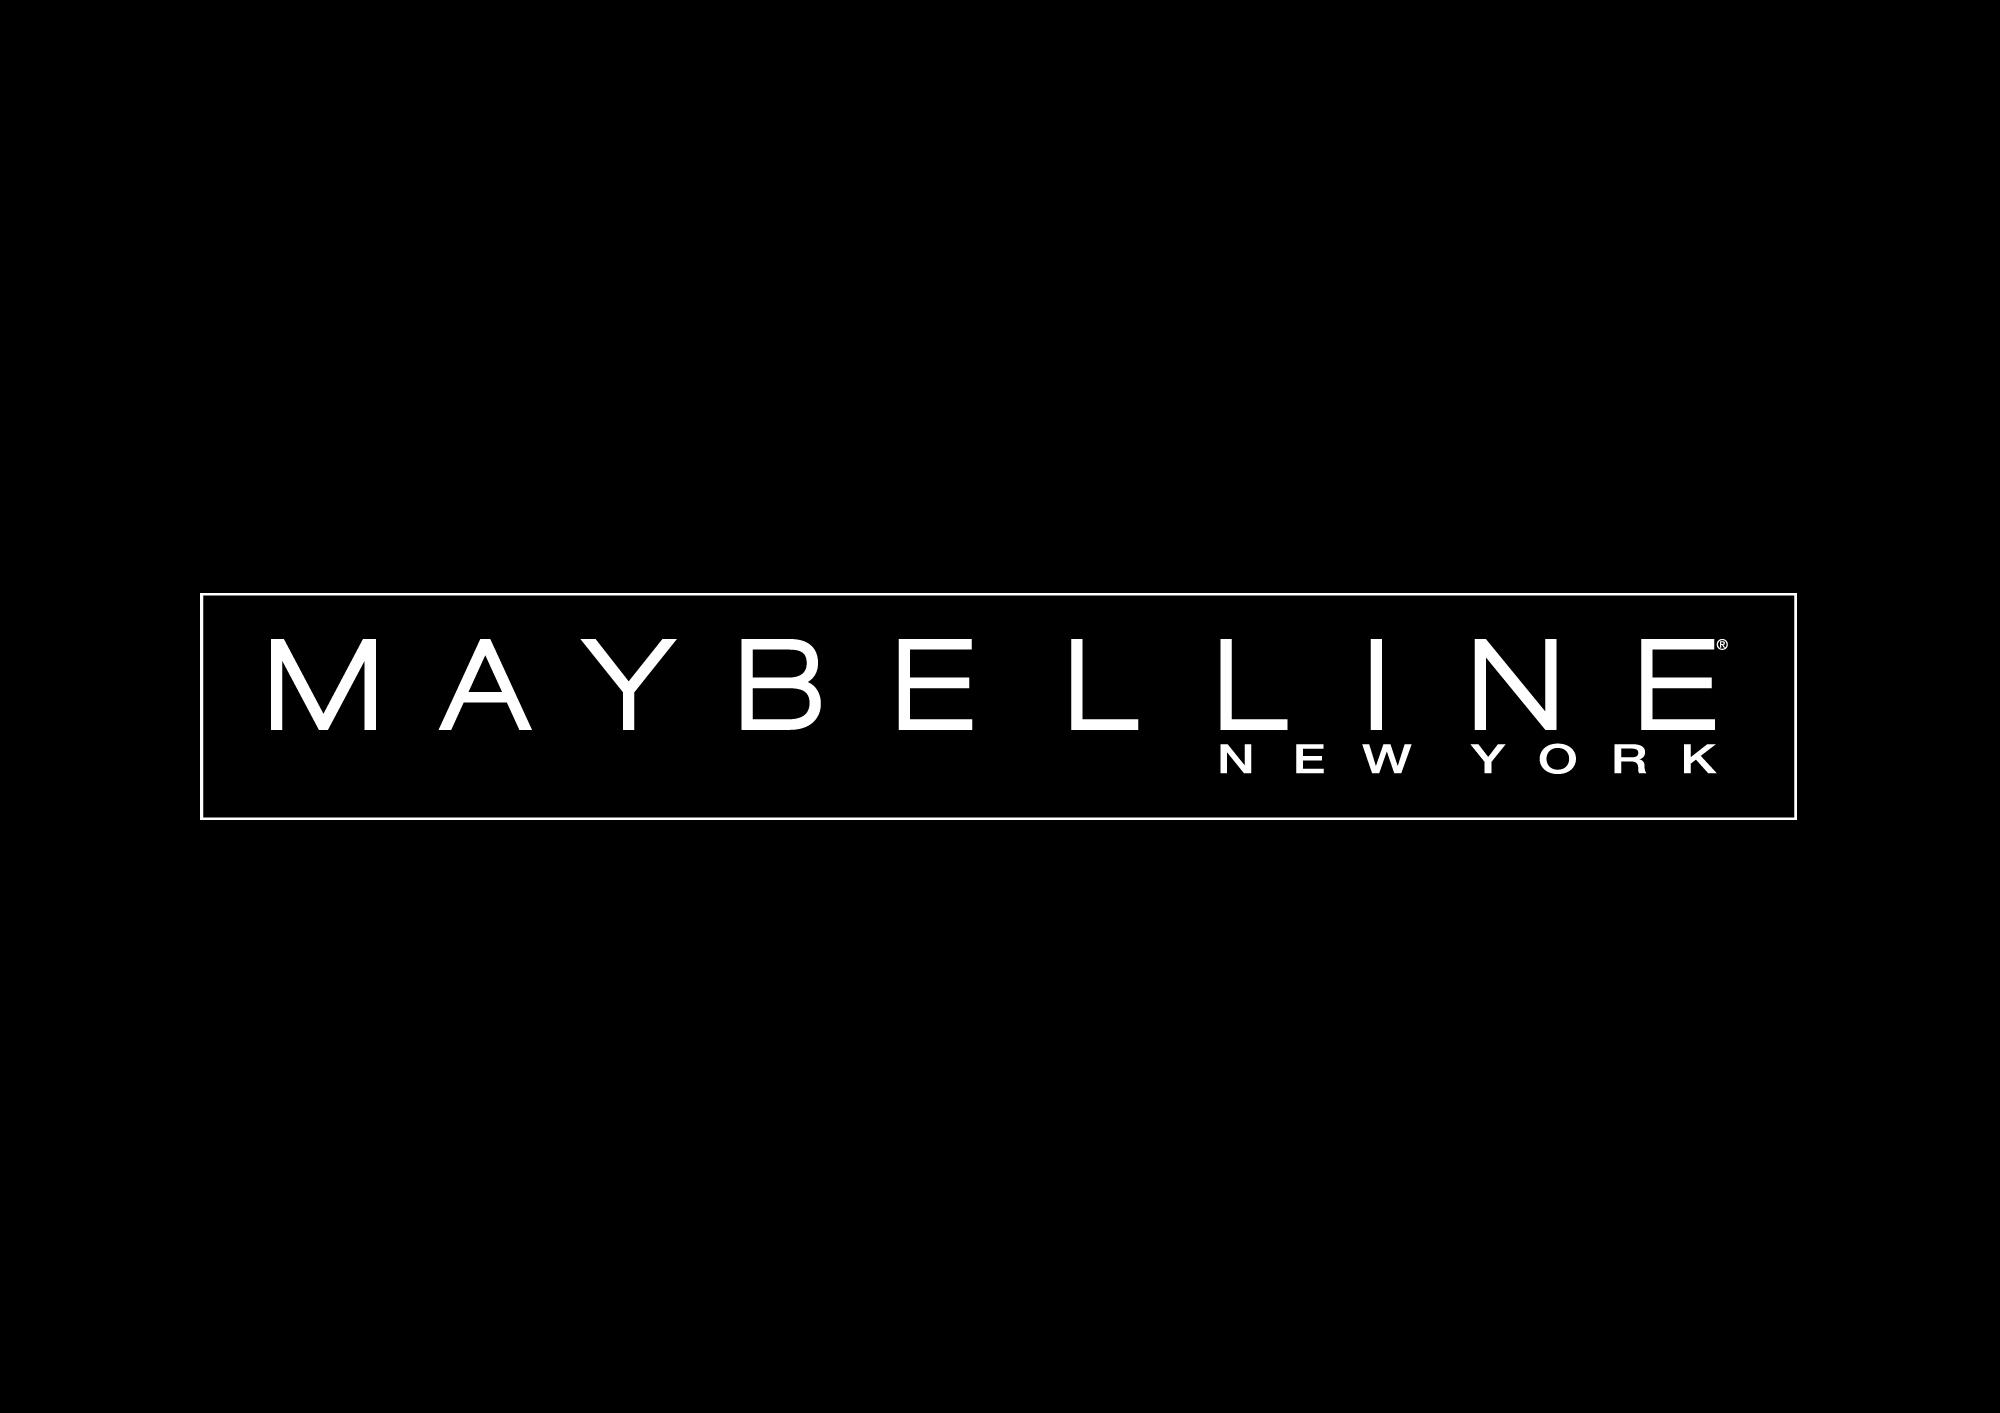 maybellinenewyorklogofpng 20002151413 logo